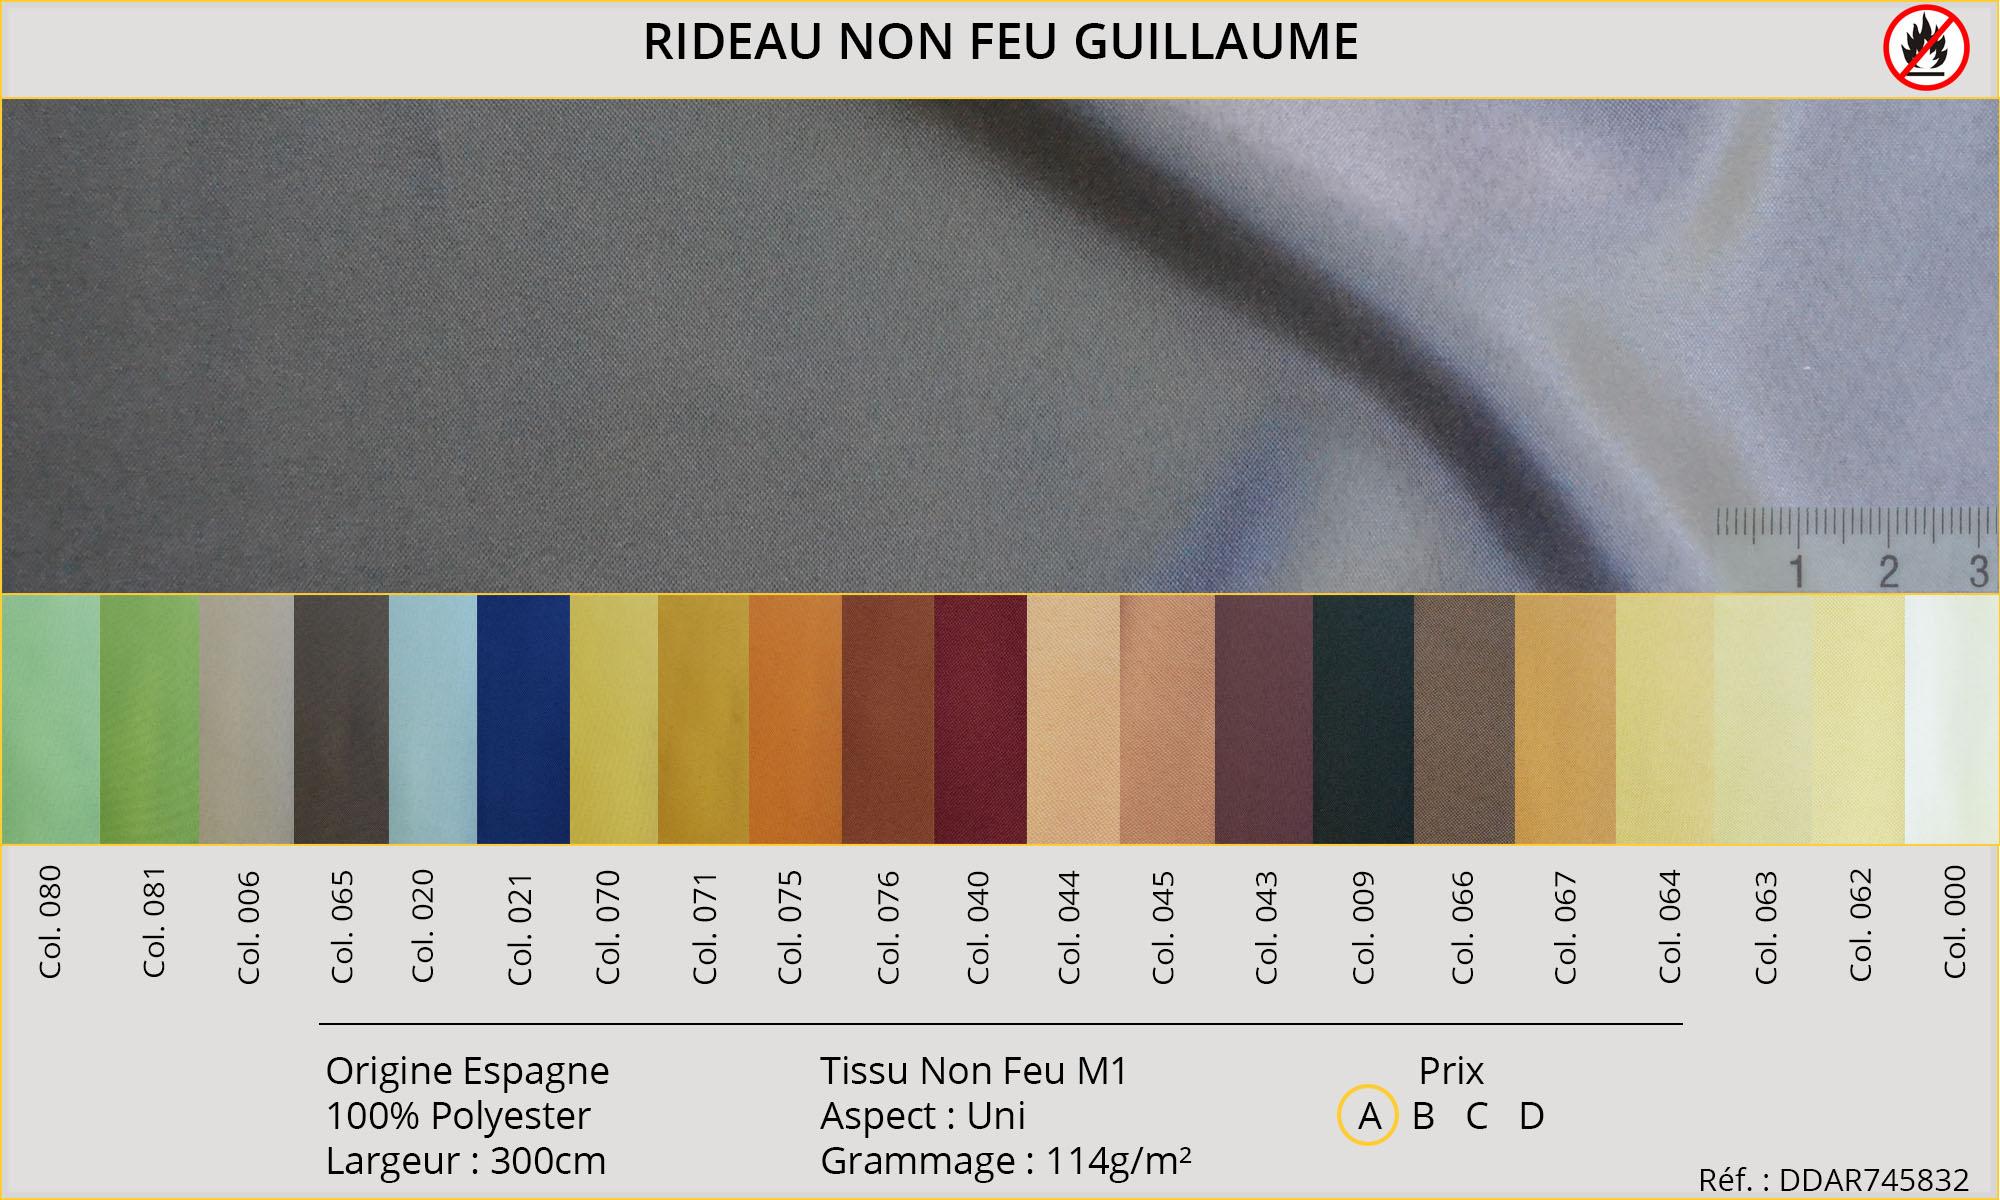 Rideaux-Hôtels certifiés Non Feu M1 Guillaume